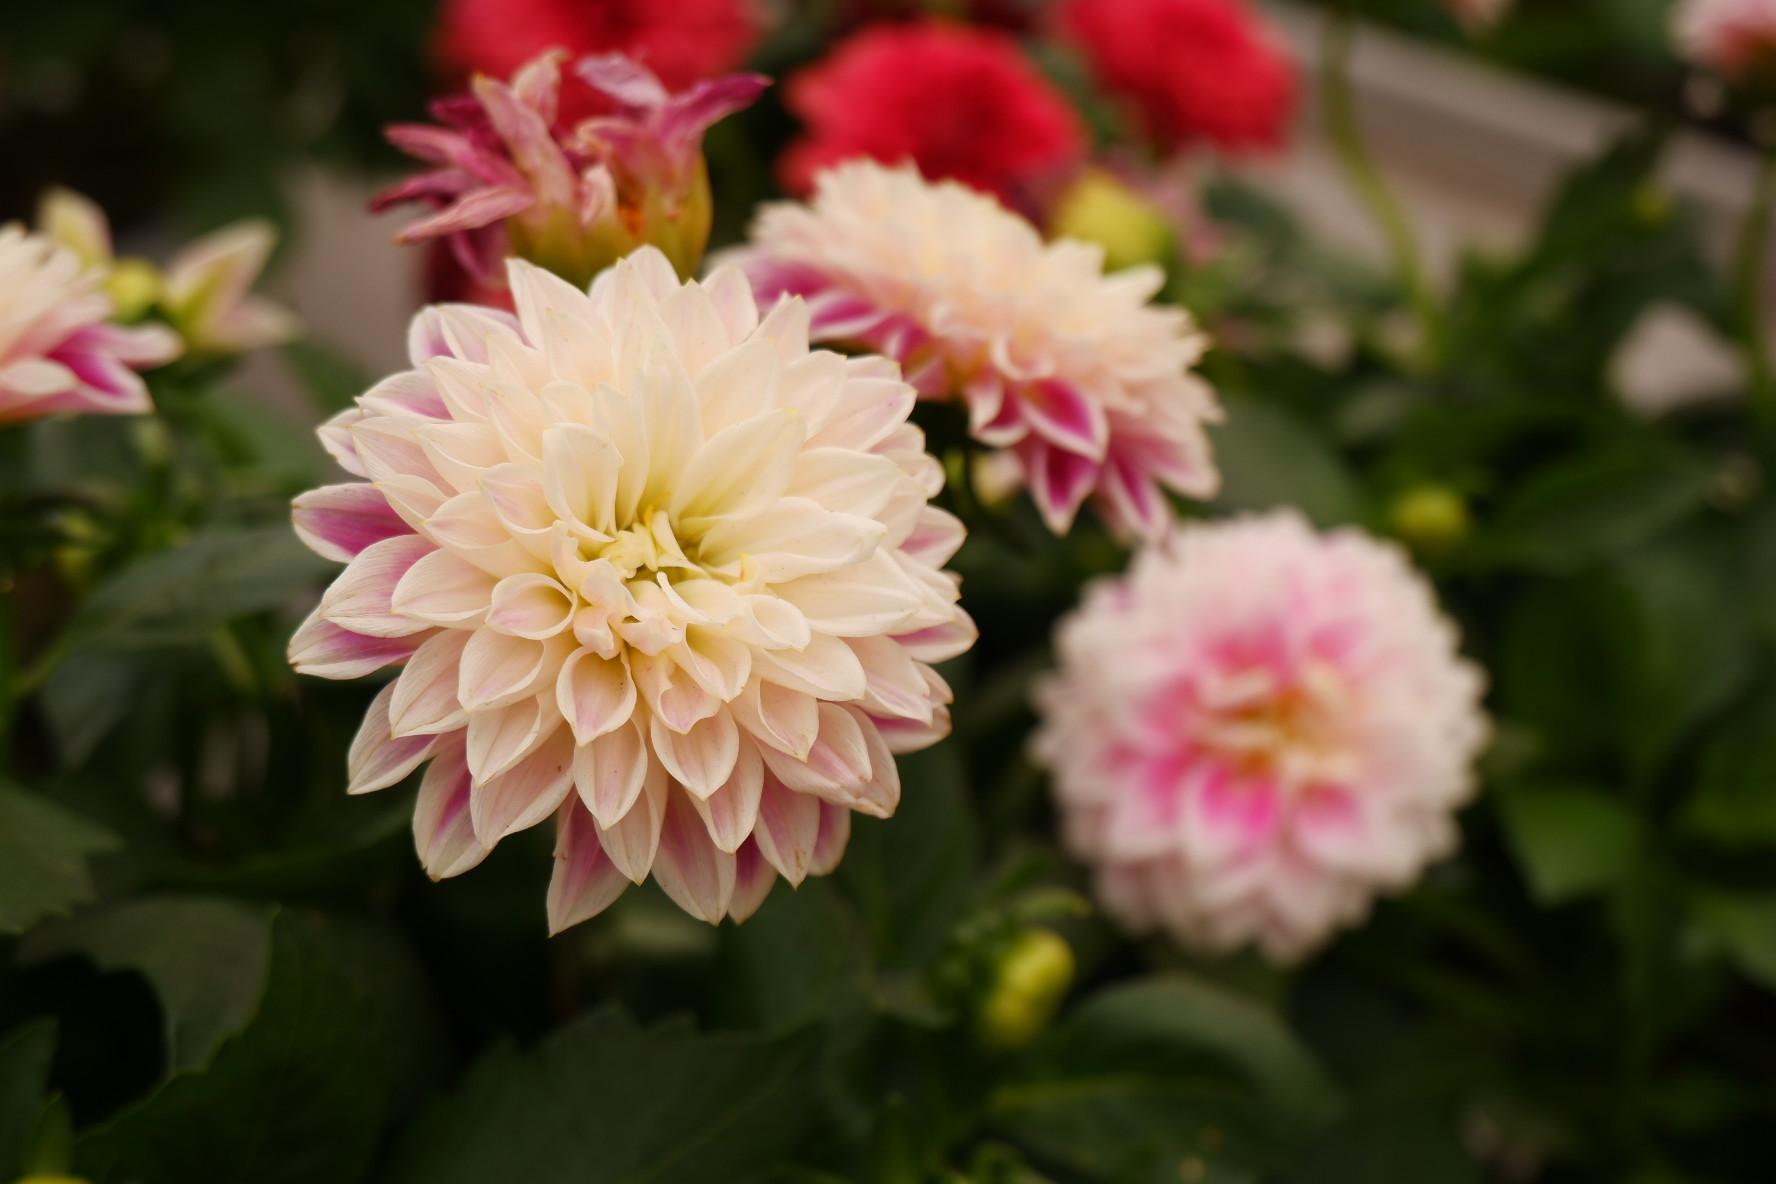 Las dalias son fáciles, vistosas y duran en flor mucho tiempo.